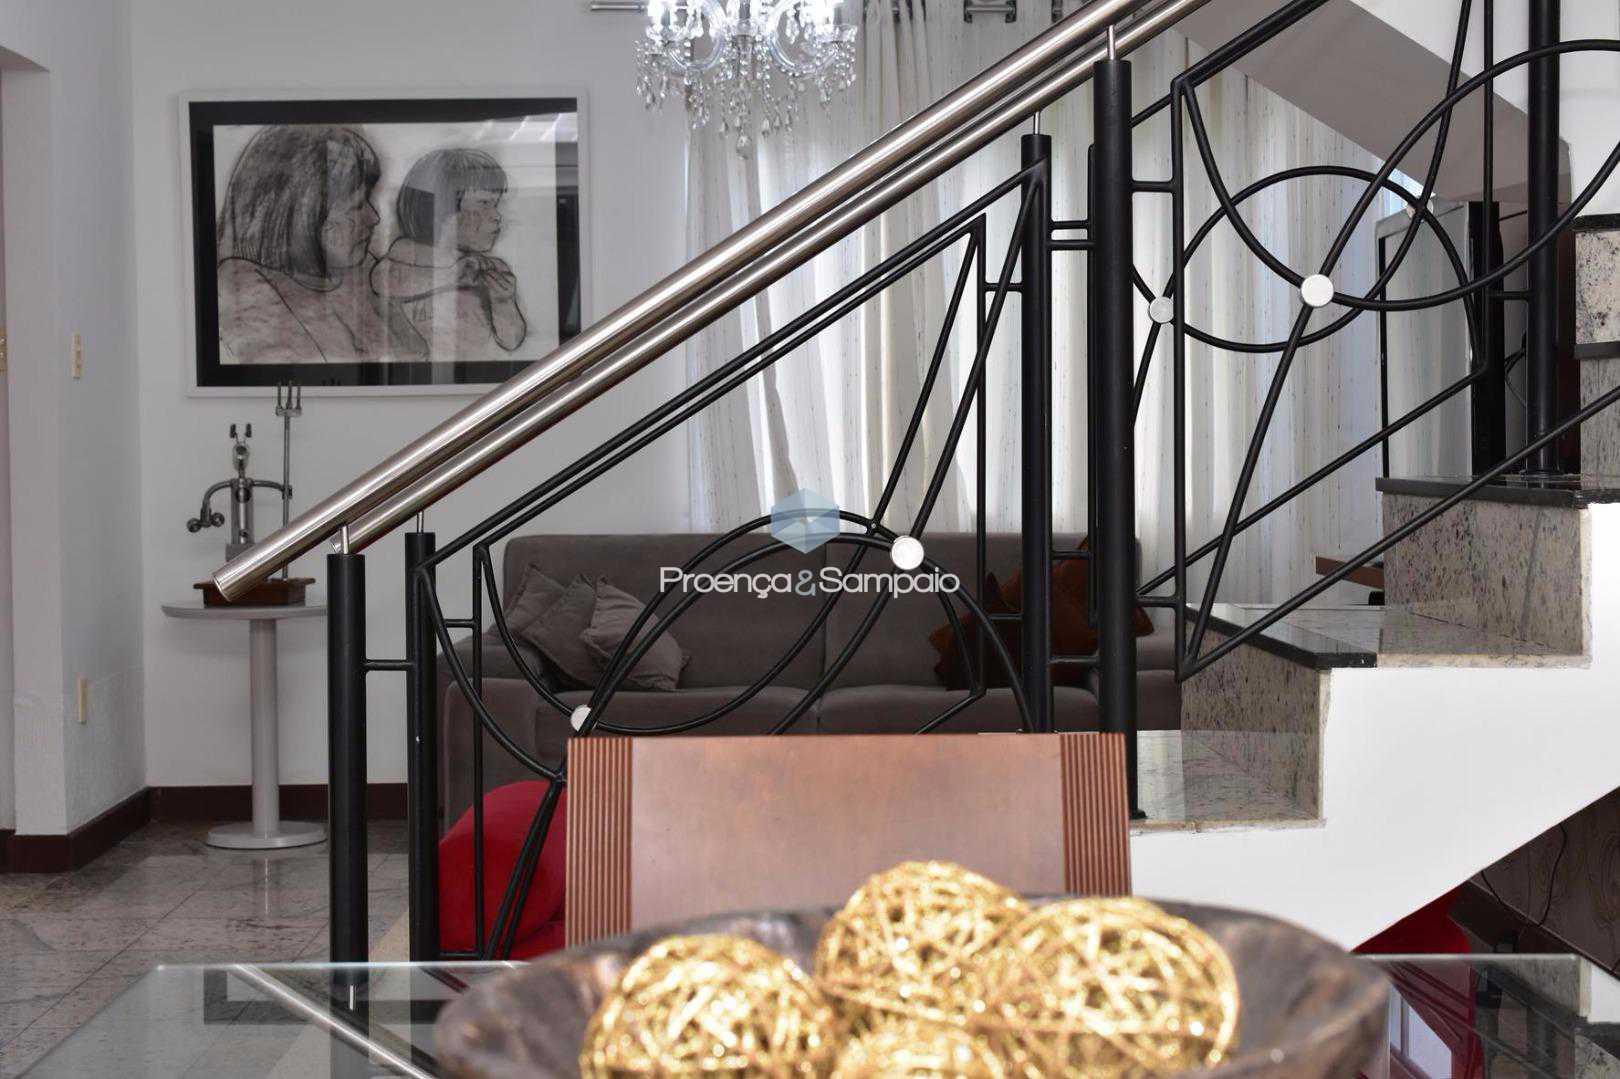 FOTO13 - Casa em Condomínio 4 quartos à venda Lauro de Freitas,BA - R$ 870.000 - PSCN40007 - 15